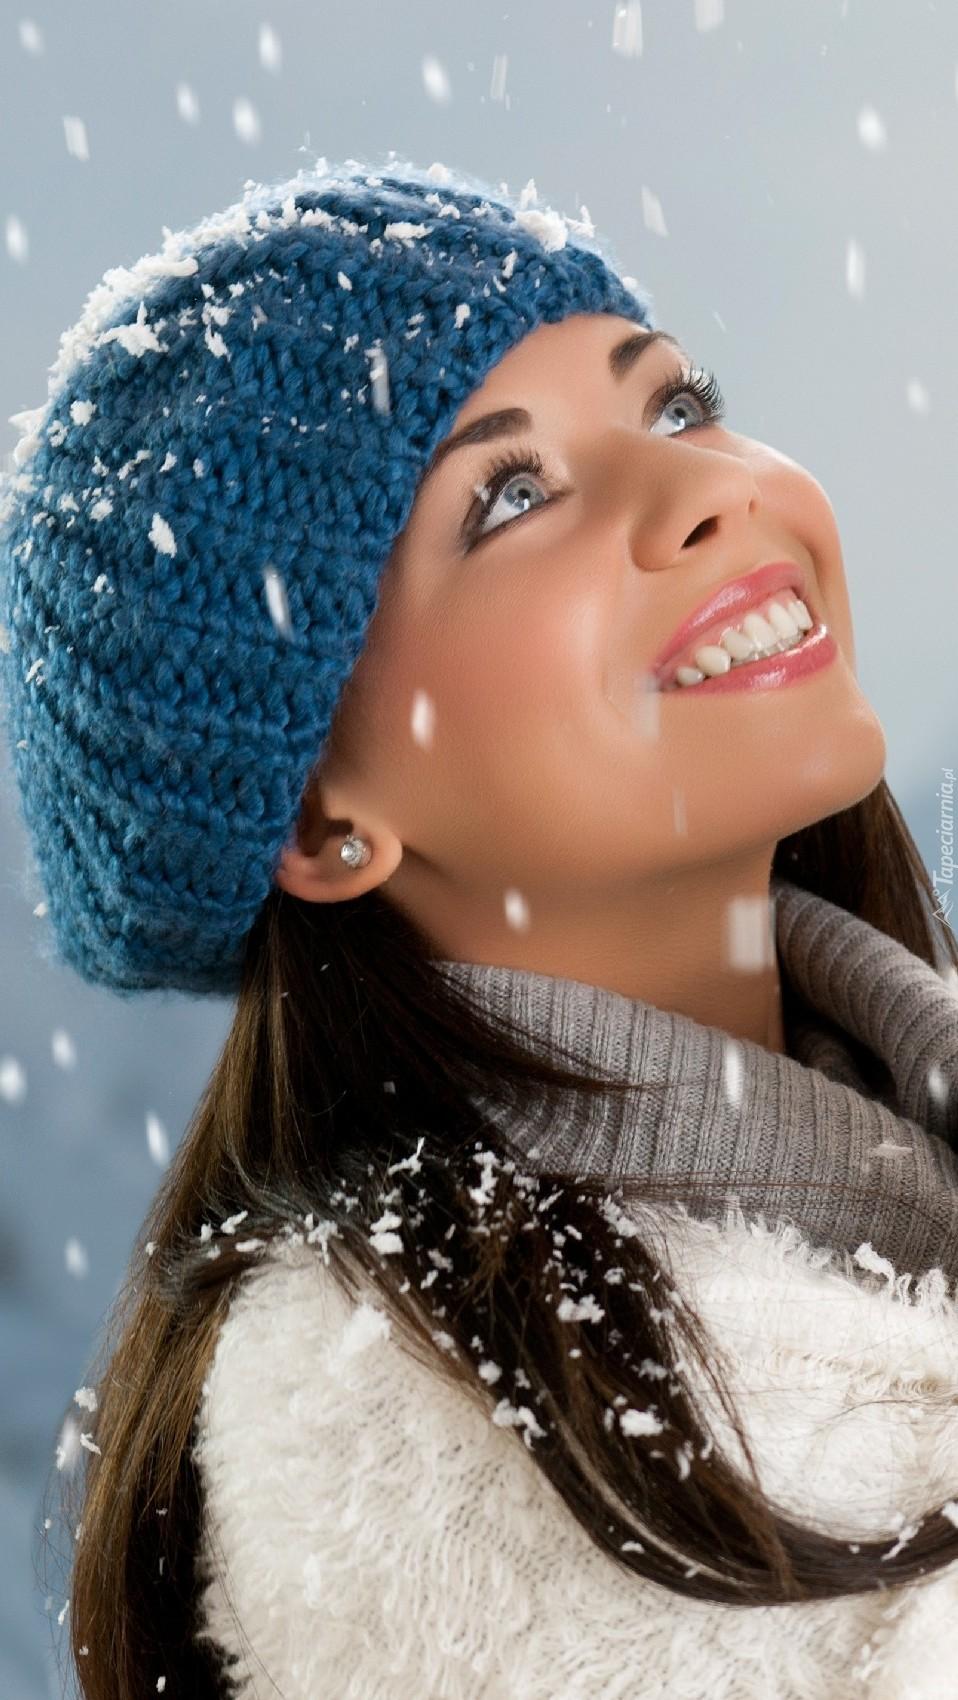 Kobieta z makijażem w padającym śniegu